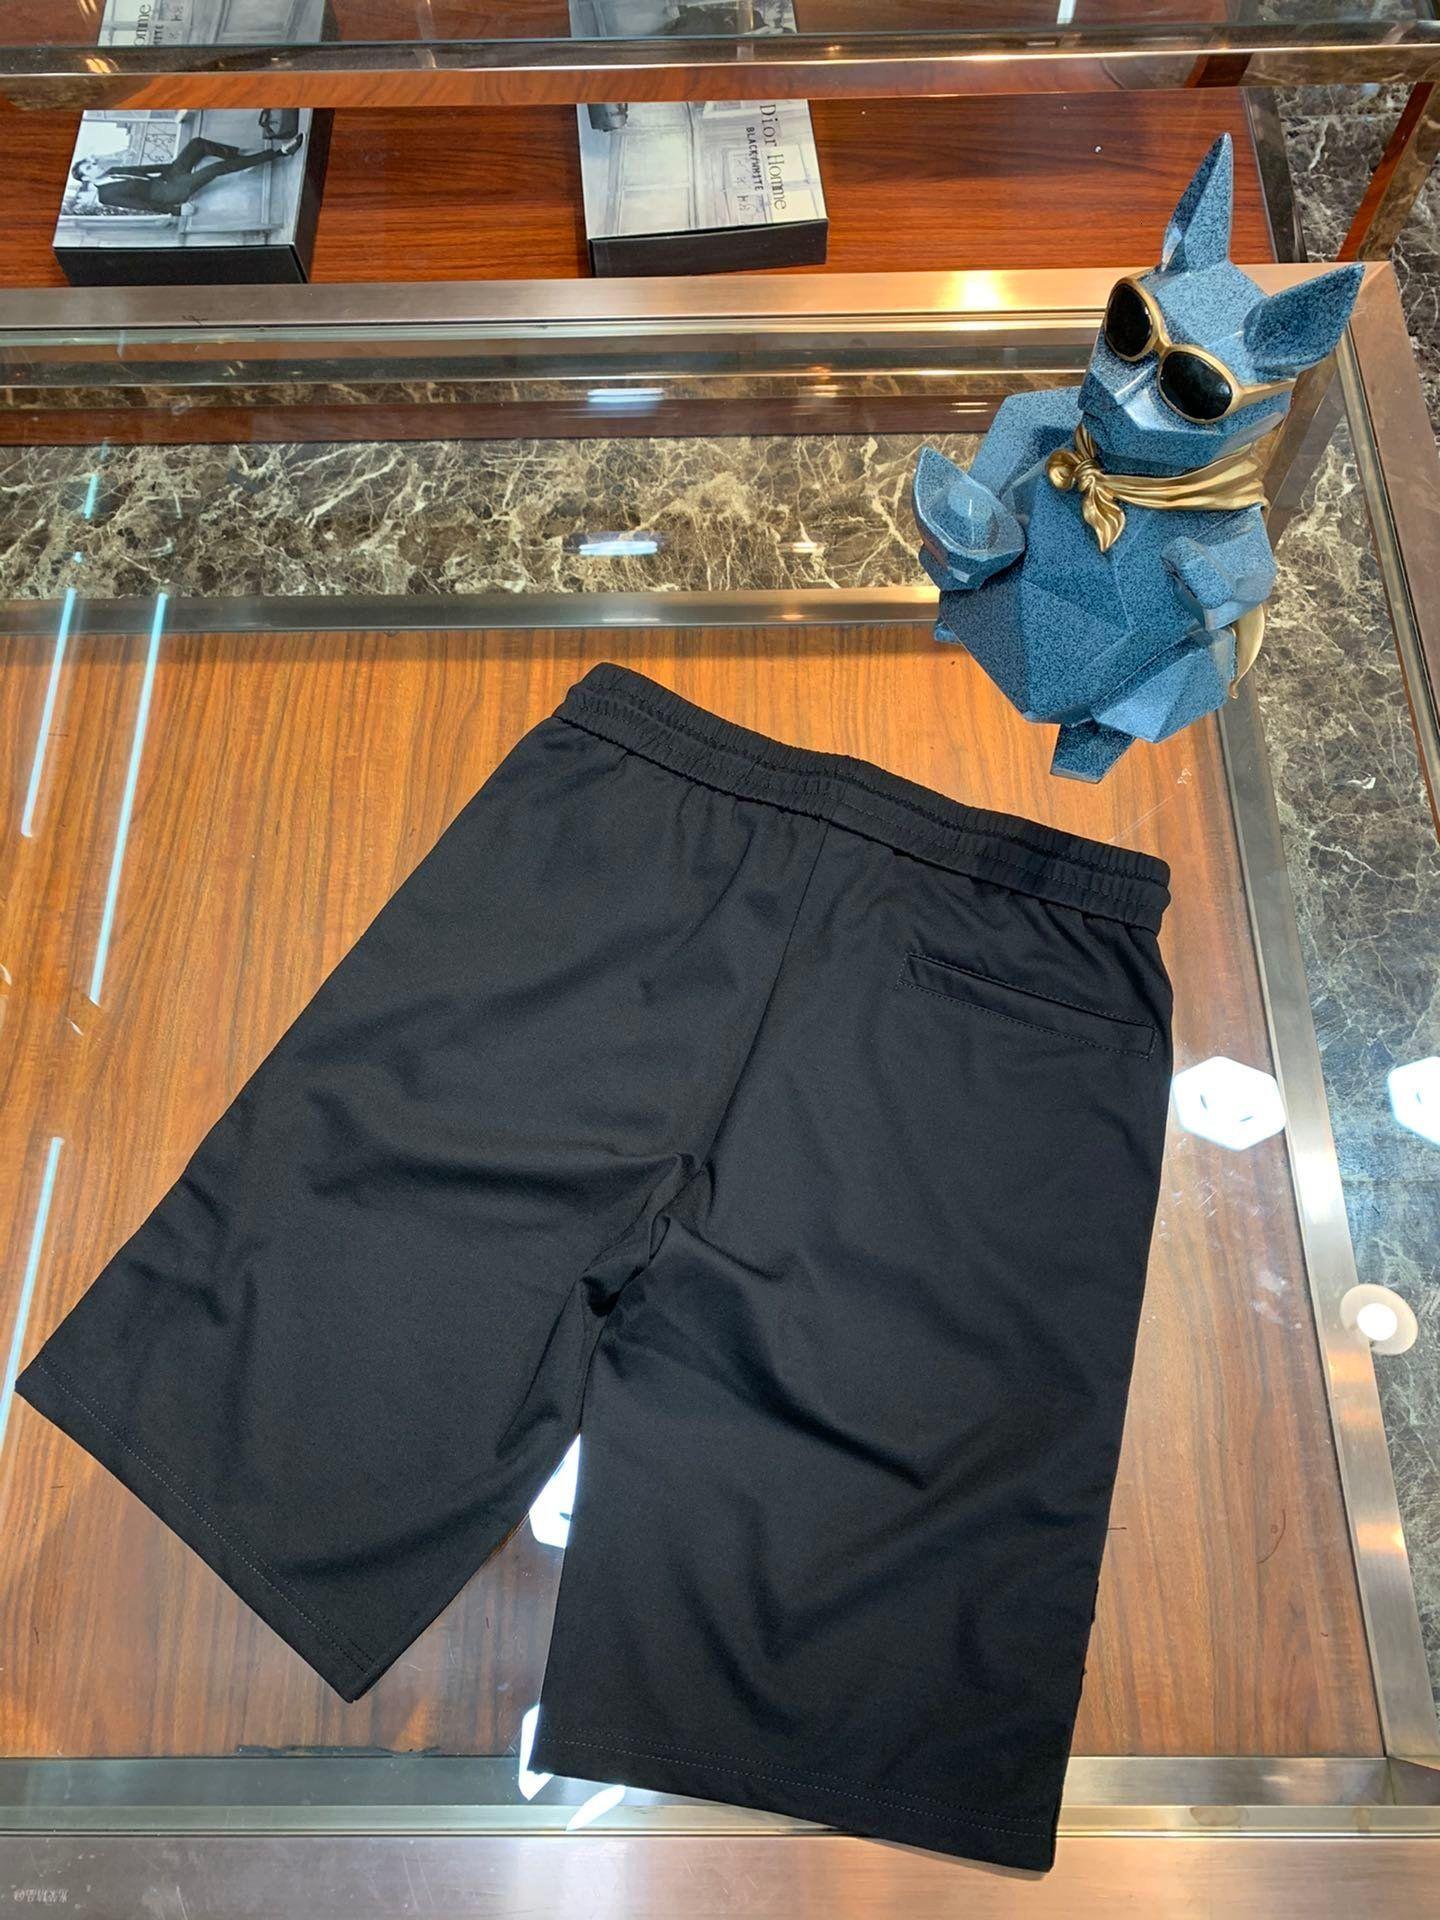 2020 de alta calidad de los nuevos hombres de pantalones cortos estilo simple moda verano mejor 8L2D los hombres la ropa